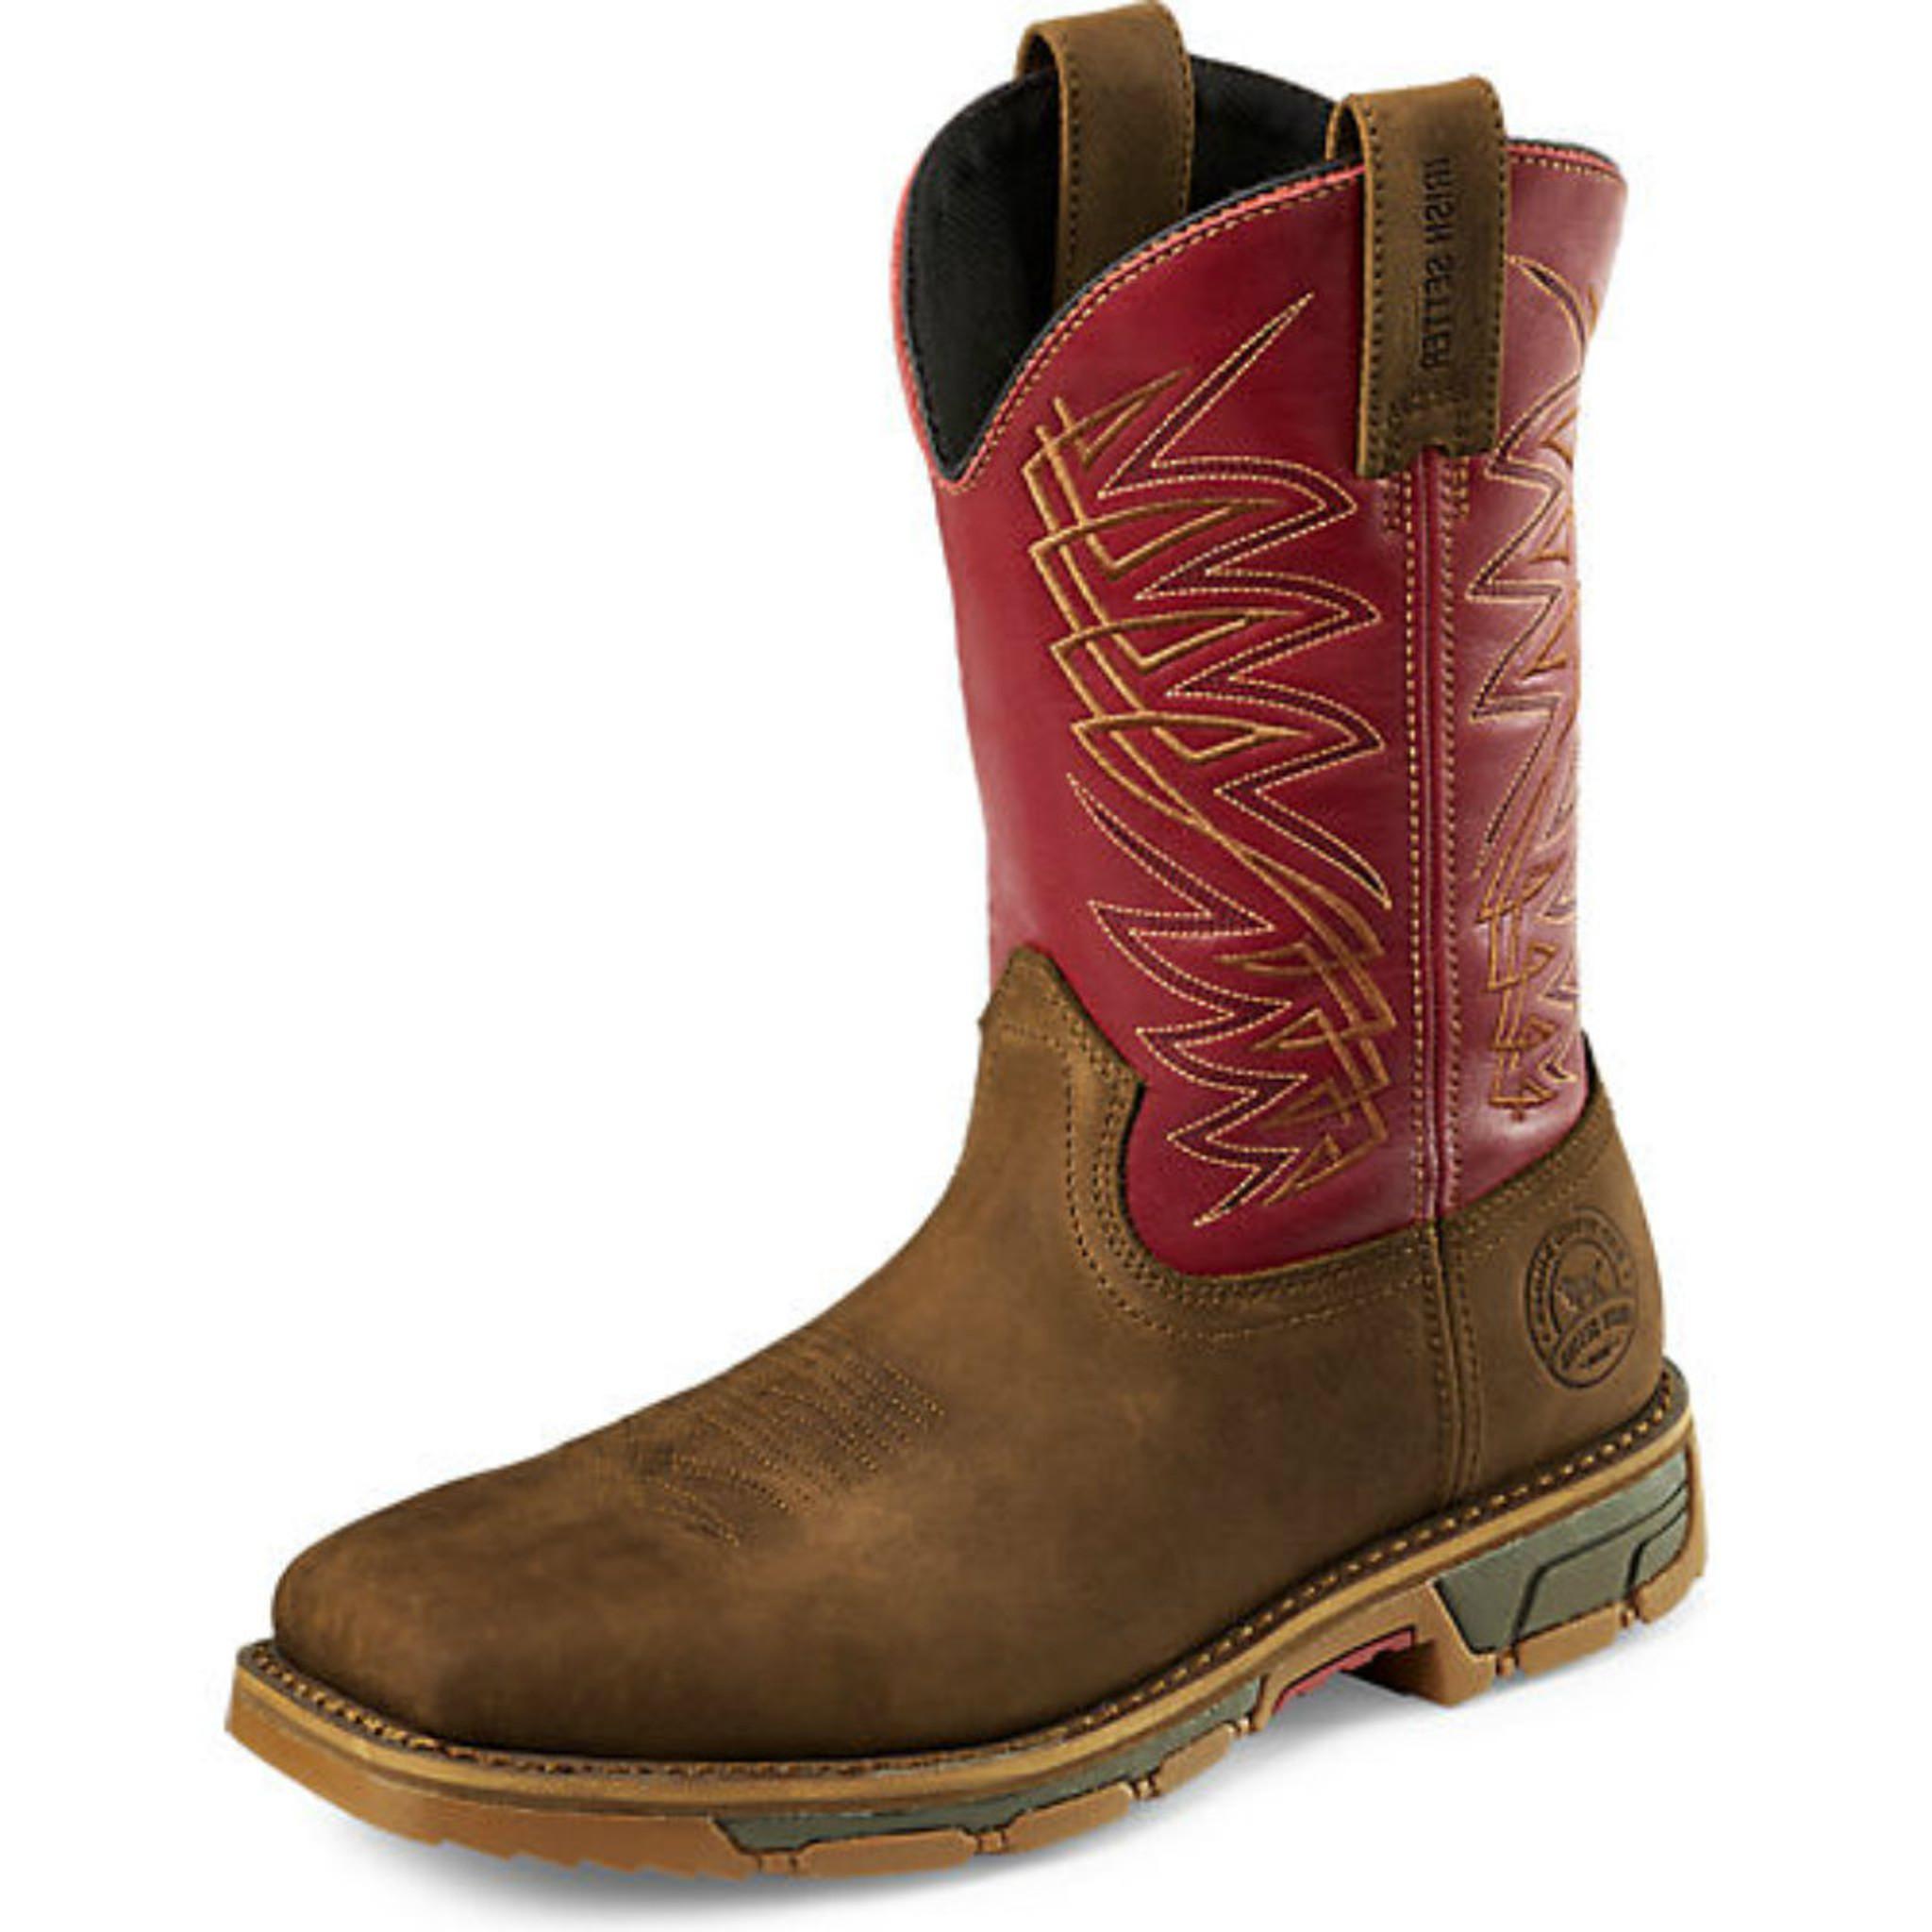 Men's Red Wing Boot, Steel Toe, Brown